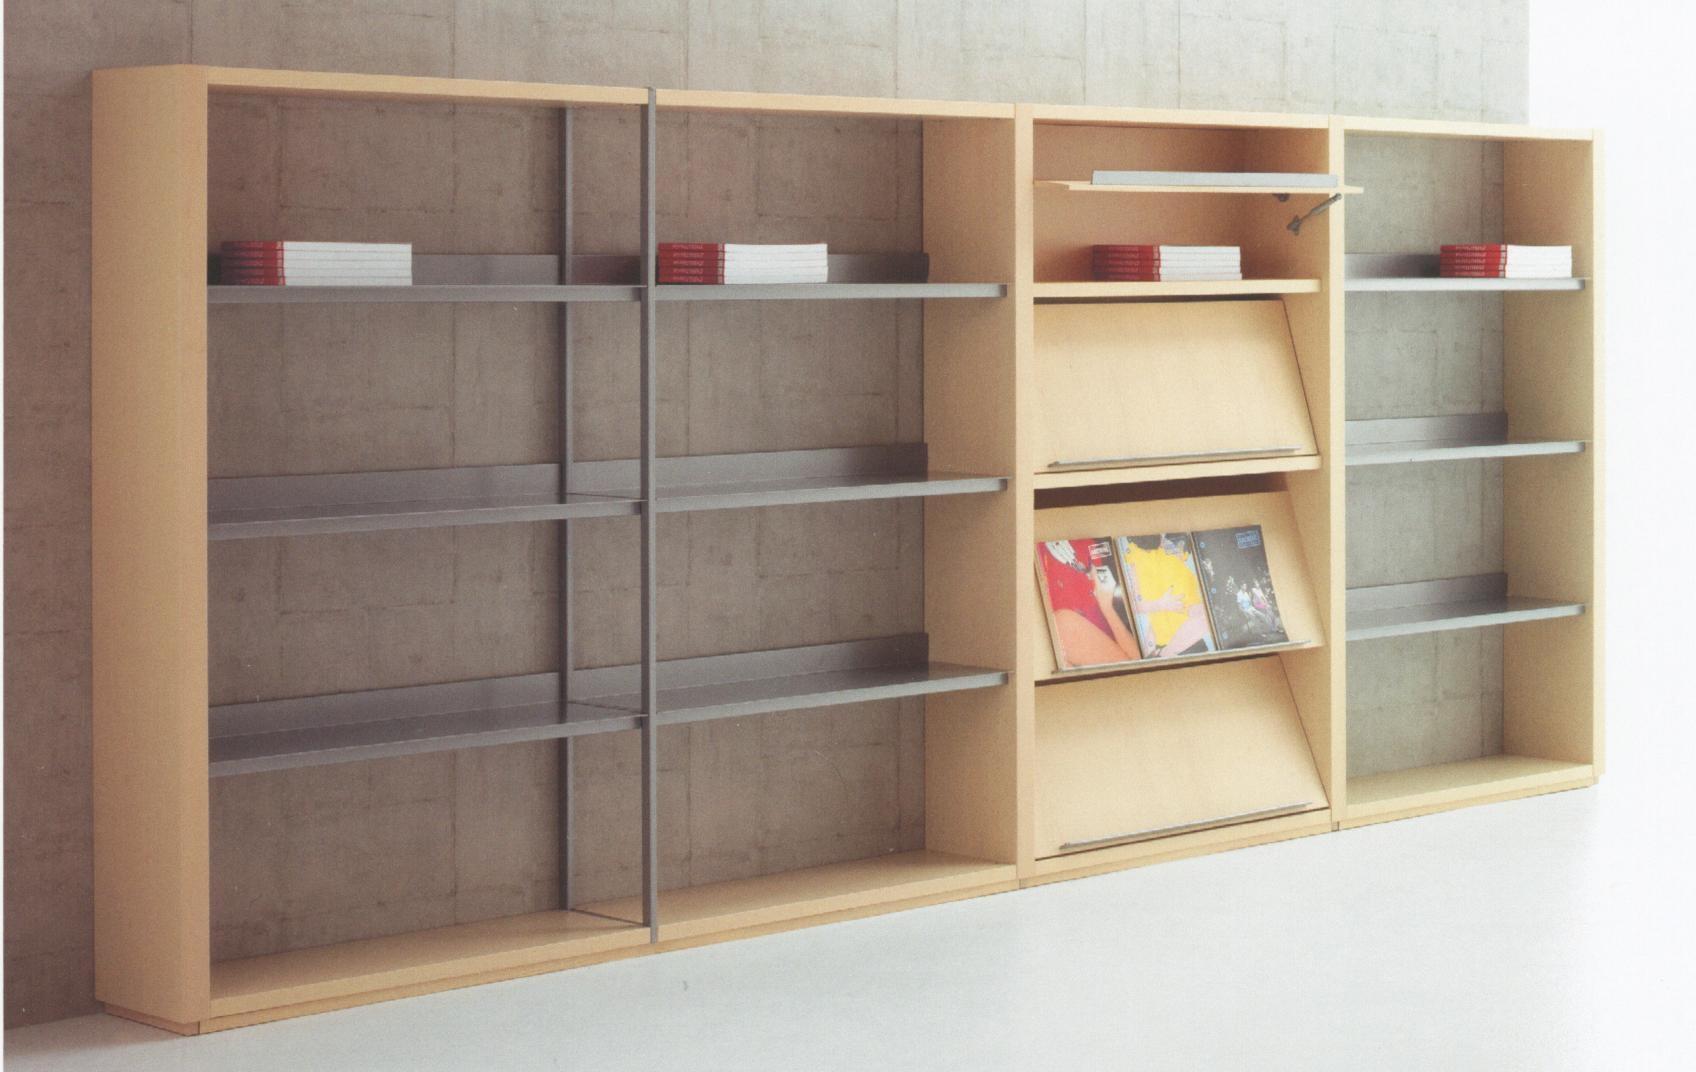 J card 5 estudio de planificaci n y venta de mobiliario for Muebles de oficina cantabria